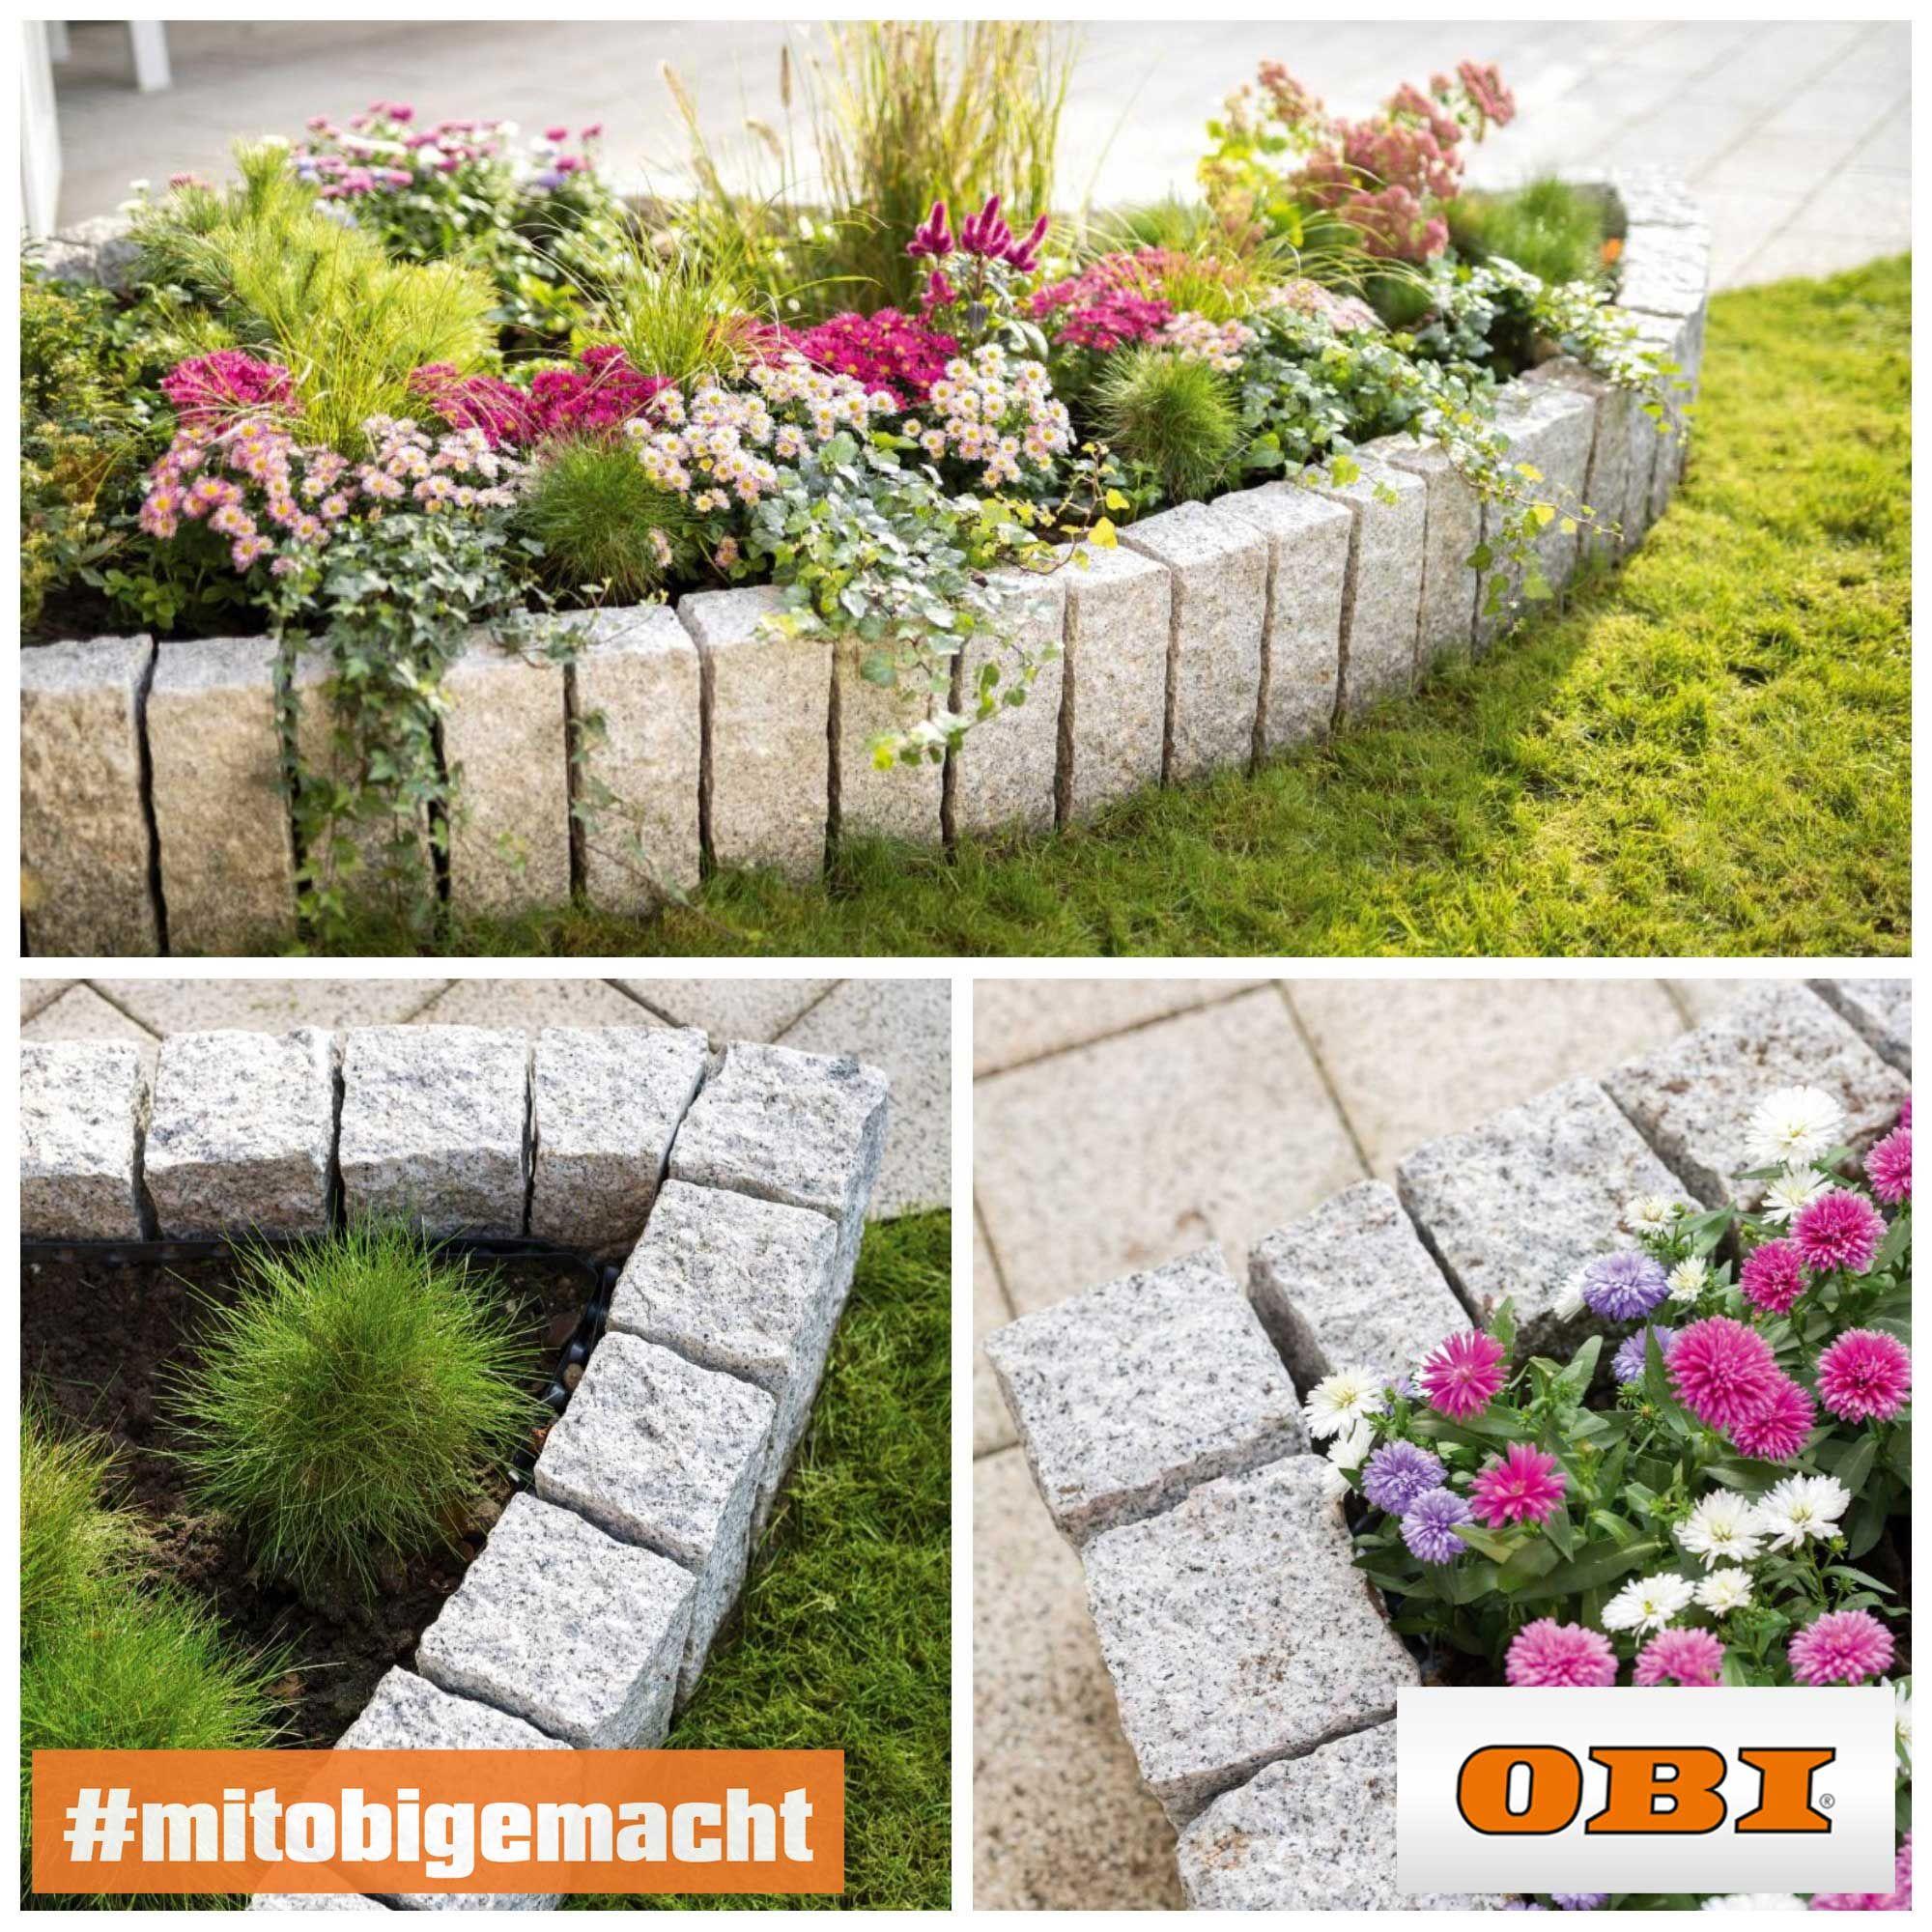 Hochbeet Ganz Einfach Selber Bauen Obi Gartenplaner Garten Blumenbeet Gestalten Garten Planen